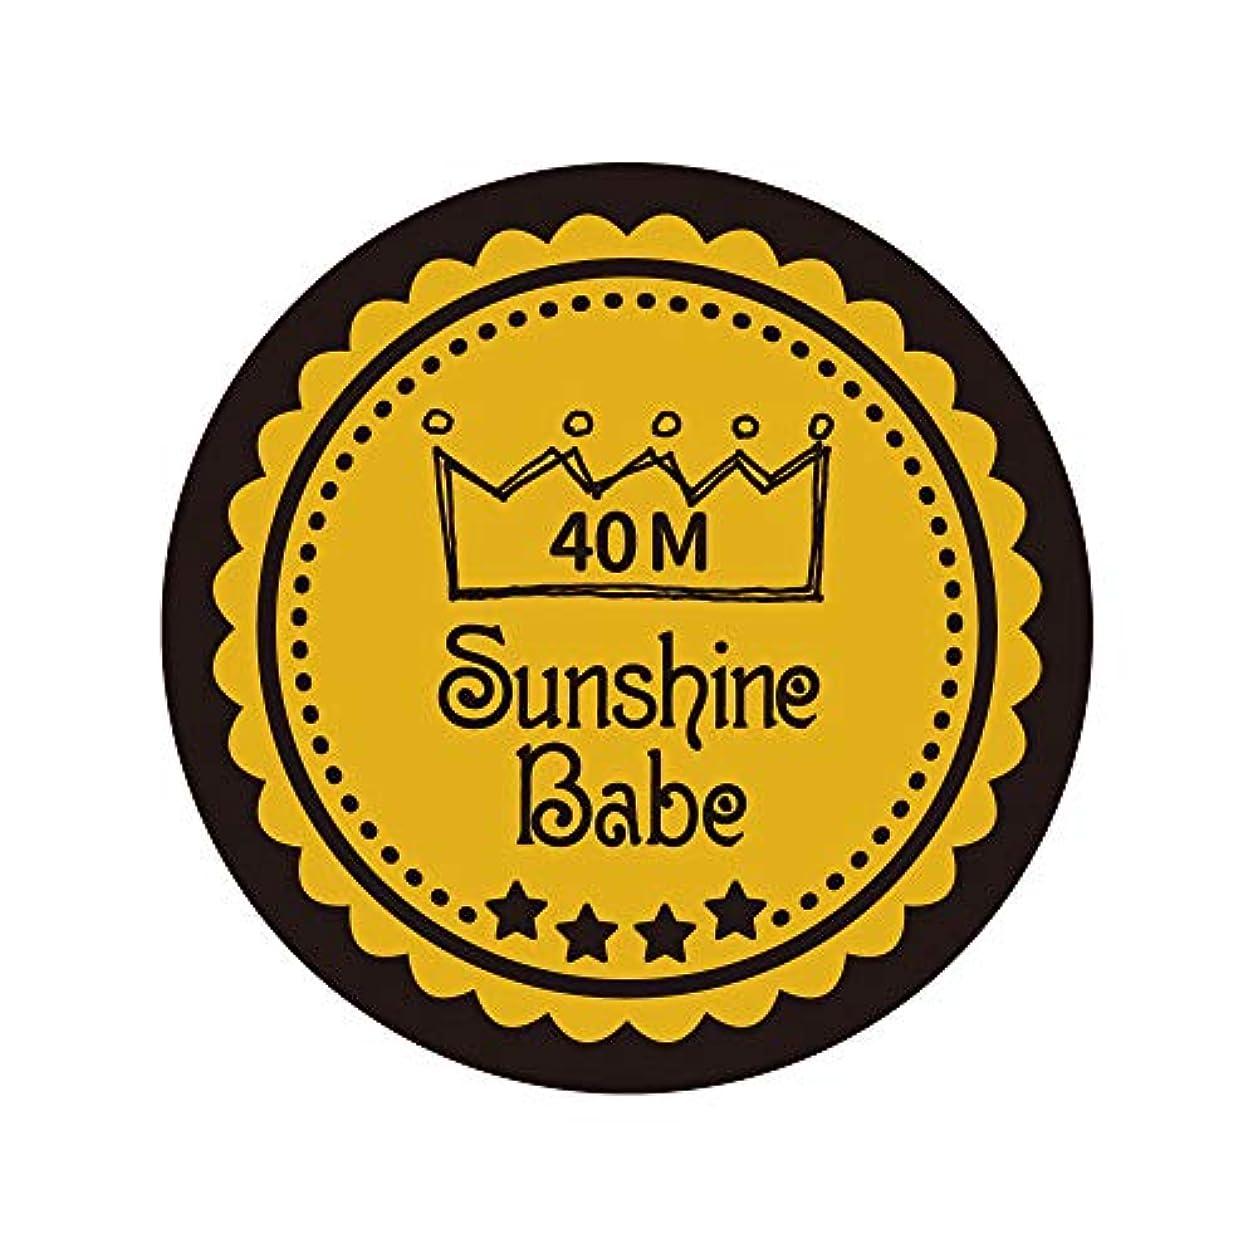 探偵大通り風邪をひくSunshine Babe カラージェル 40M セイロンイエロー 2.7g UV/LED対応